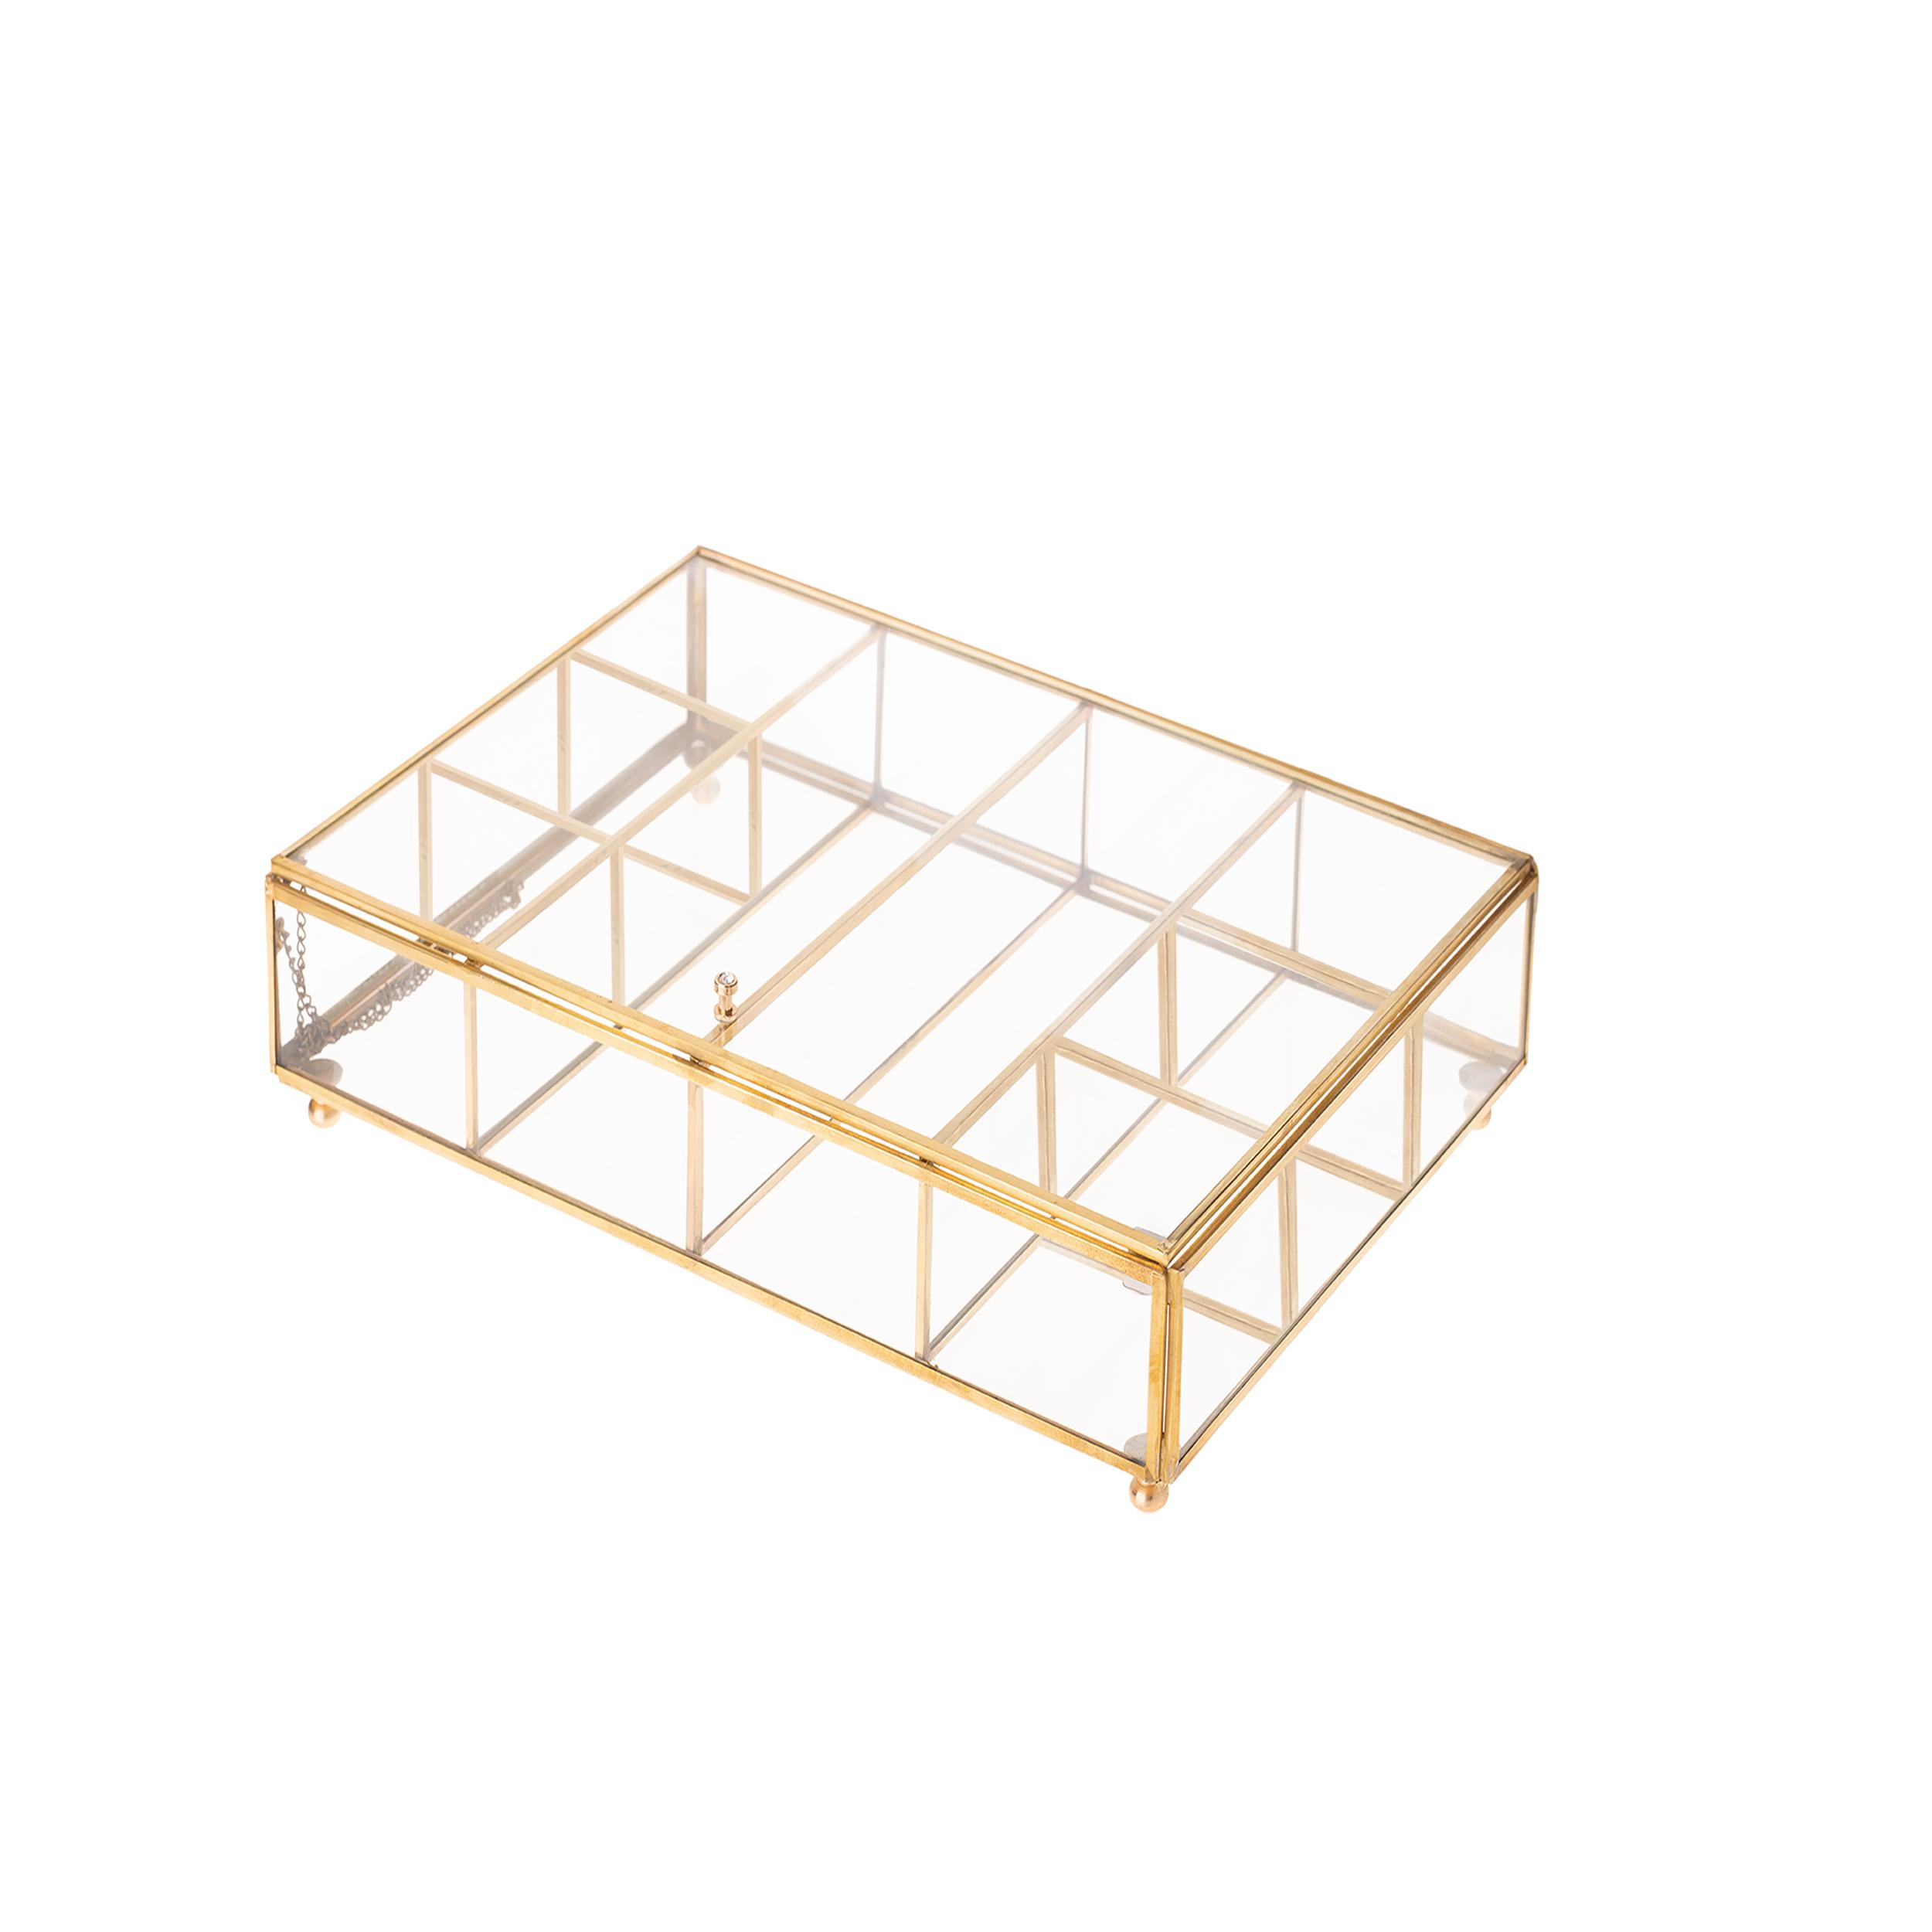 باکس شیشه ای مدل ققنوس کد MK1